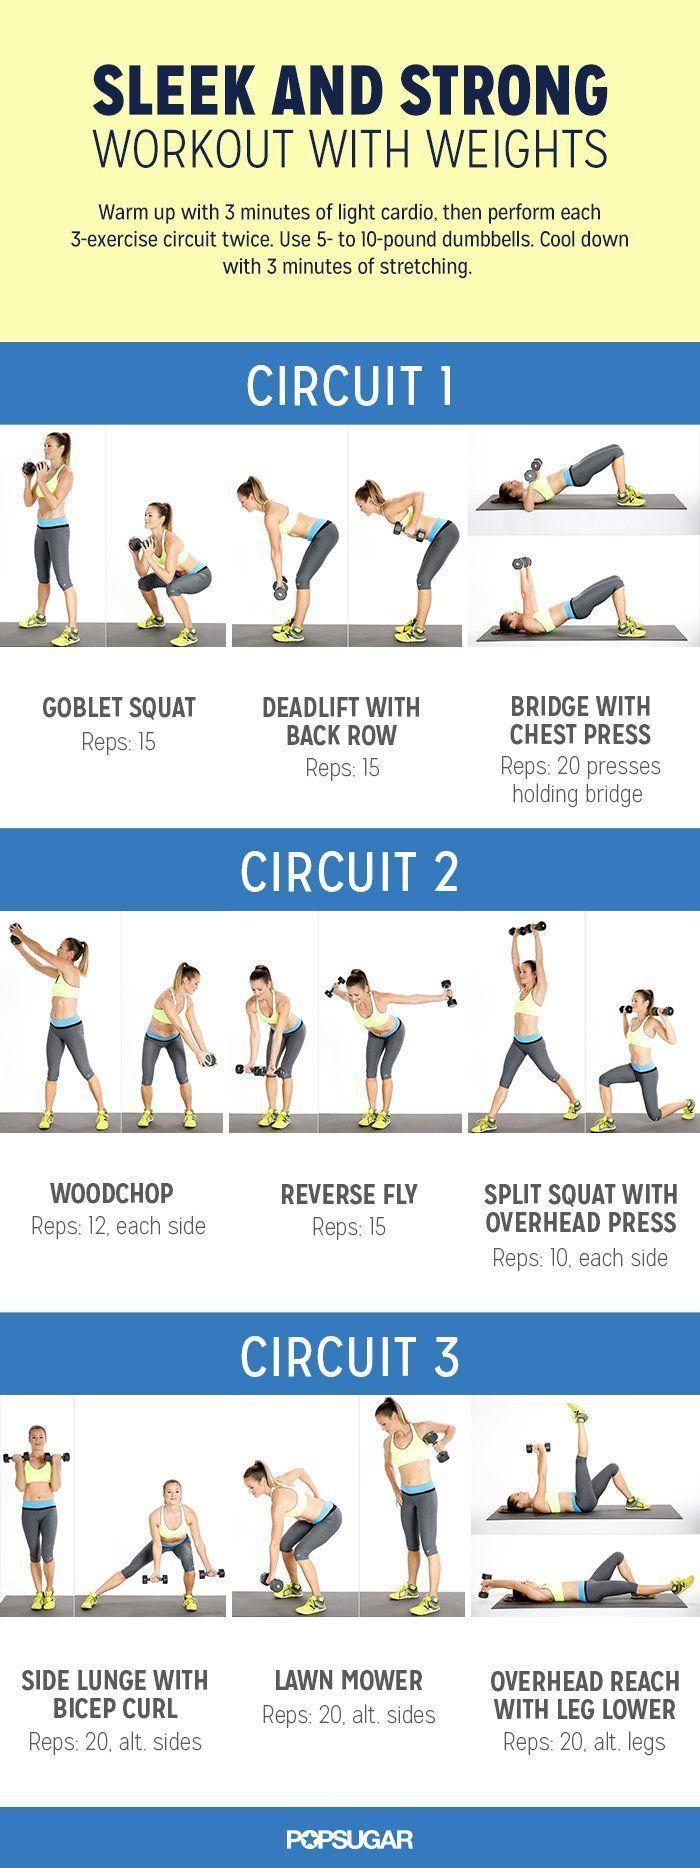 Photo of Bauen Sie Muskeln auf und steigern Sie Ihren Stoffwechsel mit diesem gewichteten Training